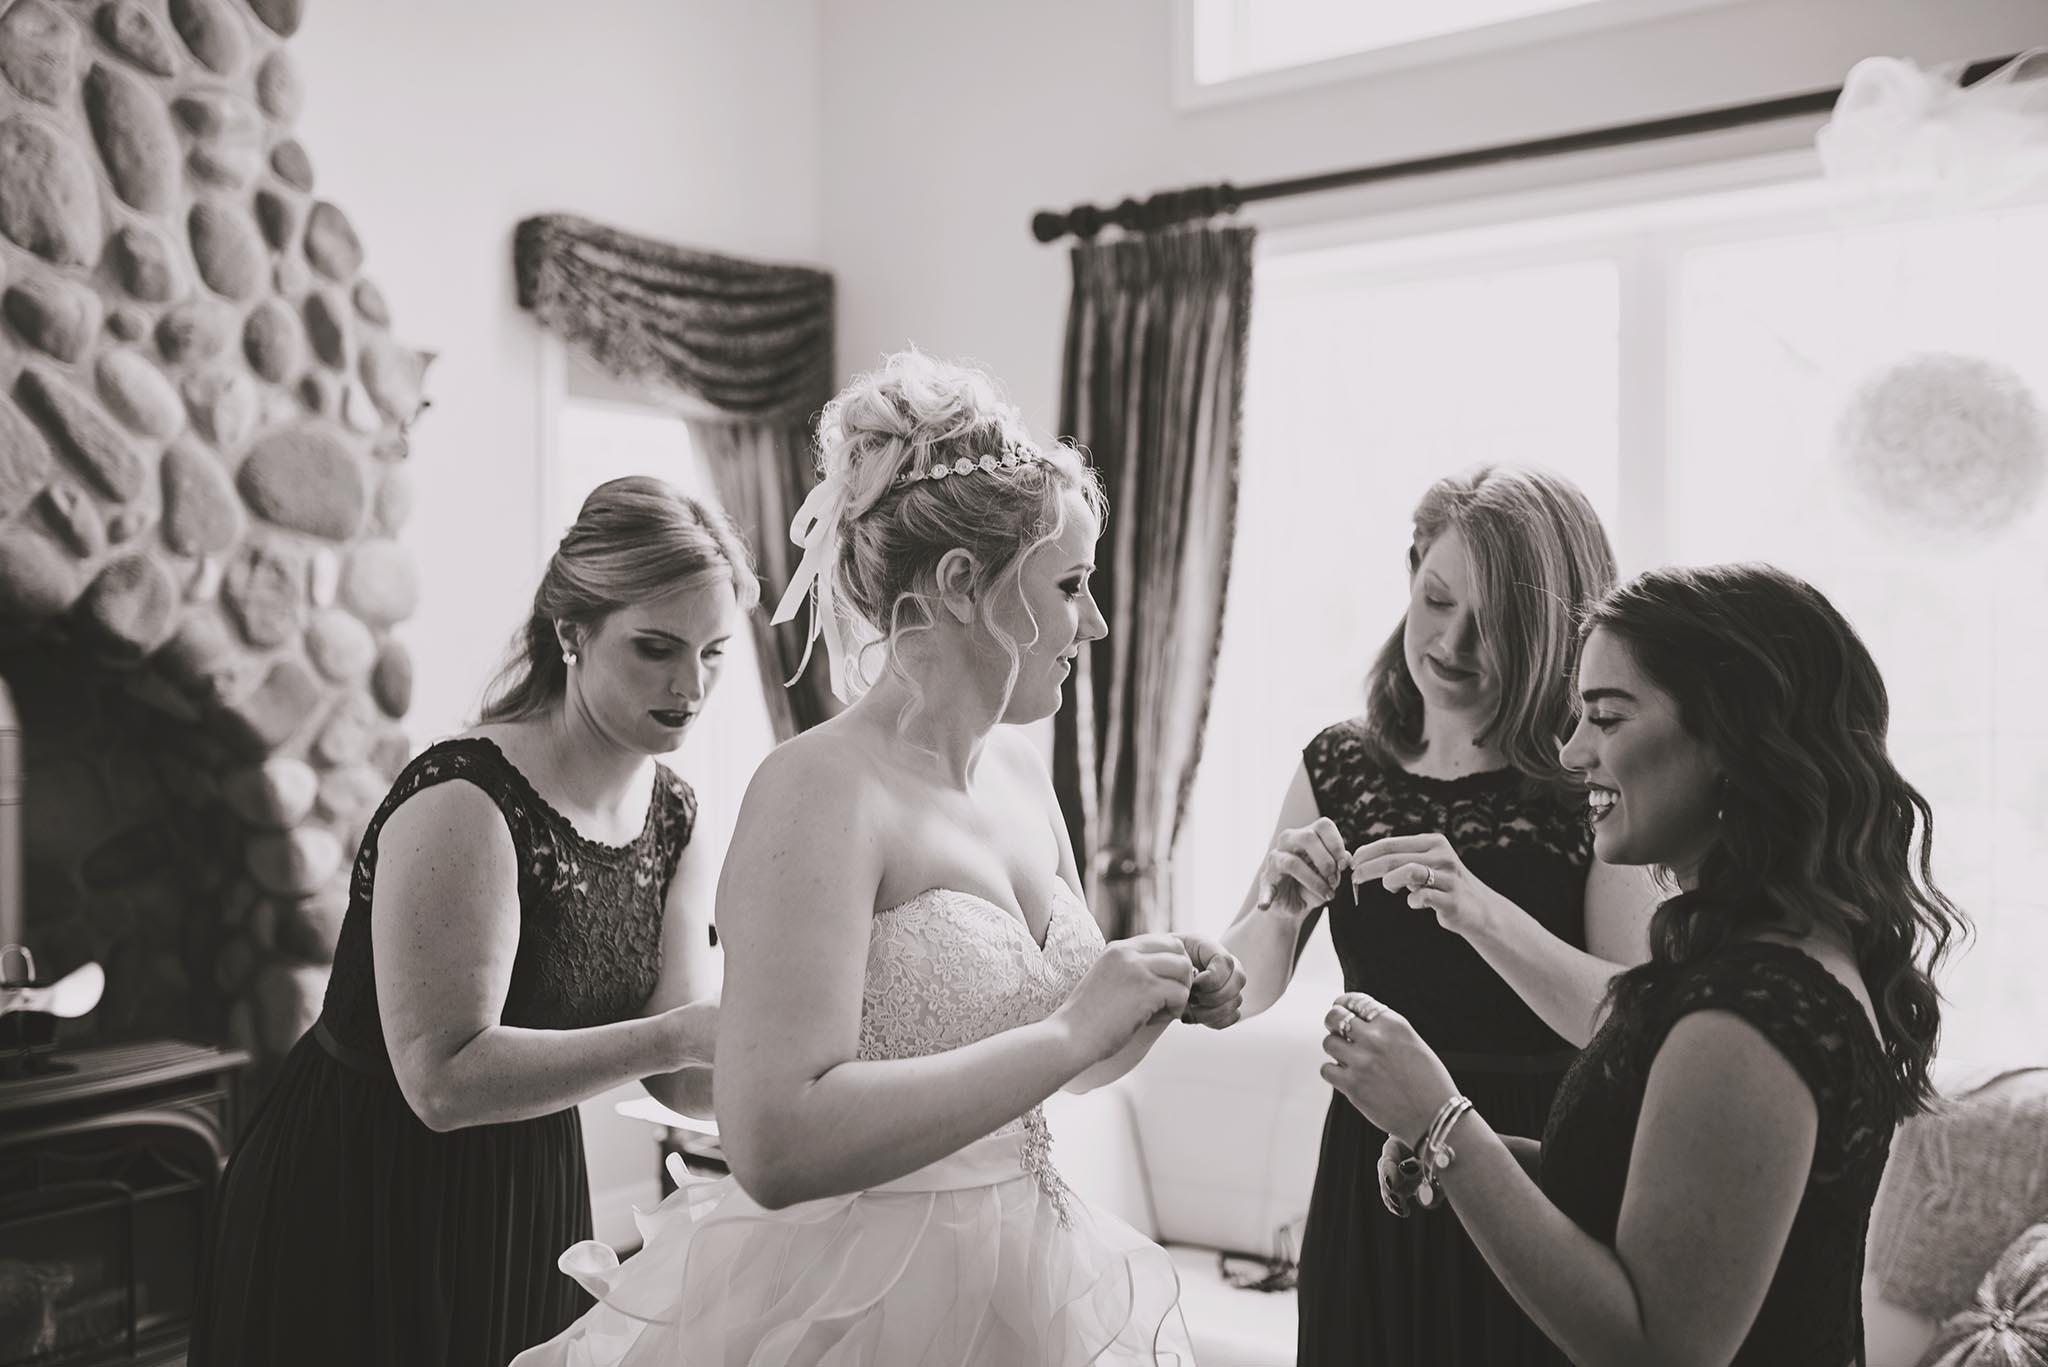 Peter-Bendevis-Photography-Kris-Laura-Cambridge-Mill-Winter-Wedding11